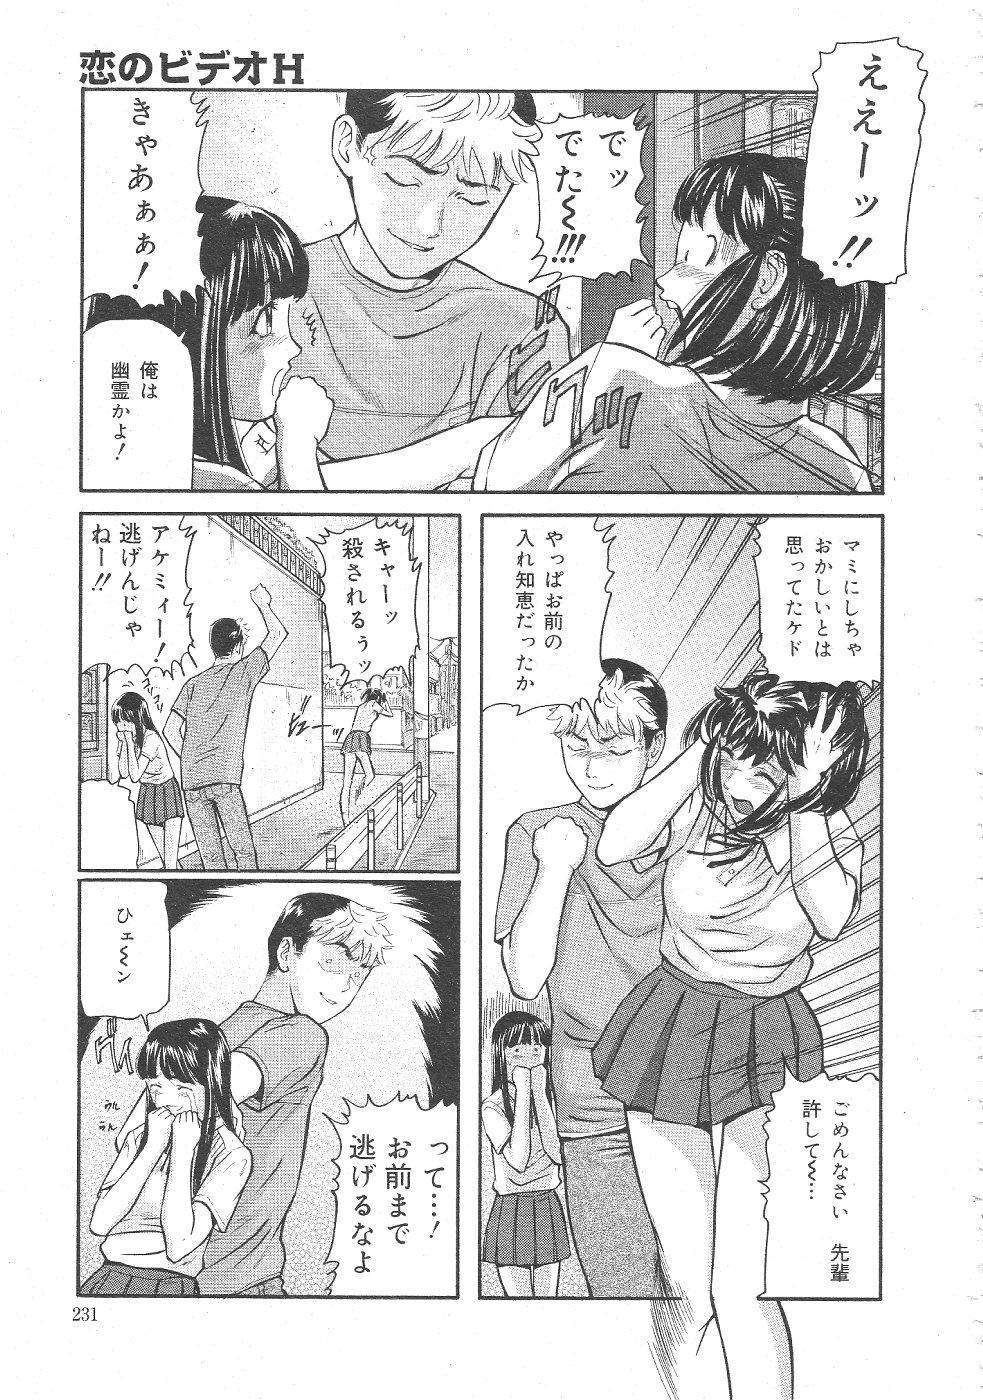 Gekkan Comic Muga 2004-06 Vol.10 234